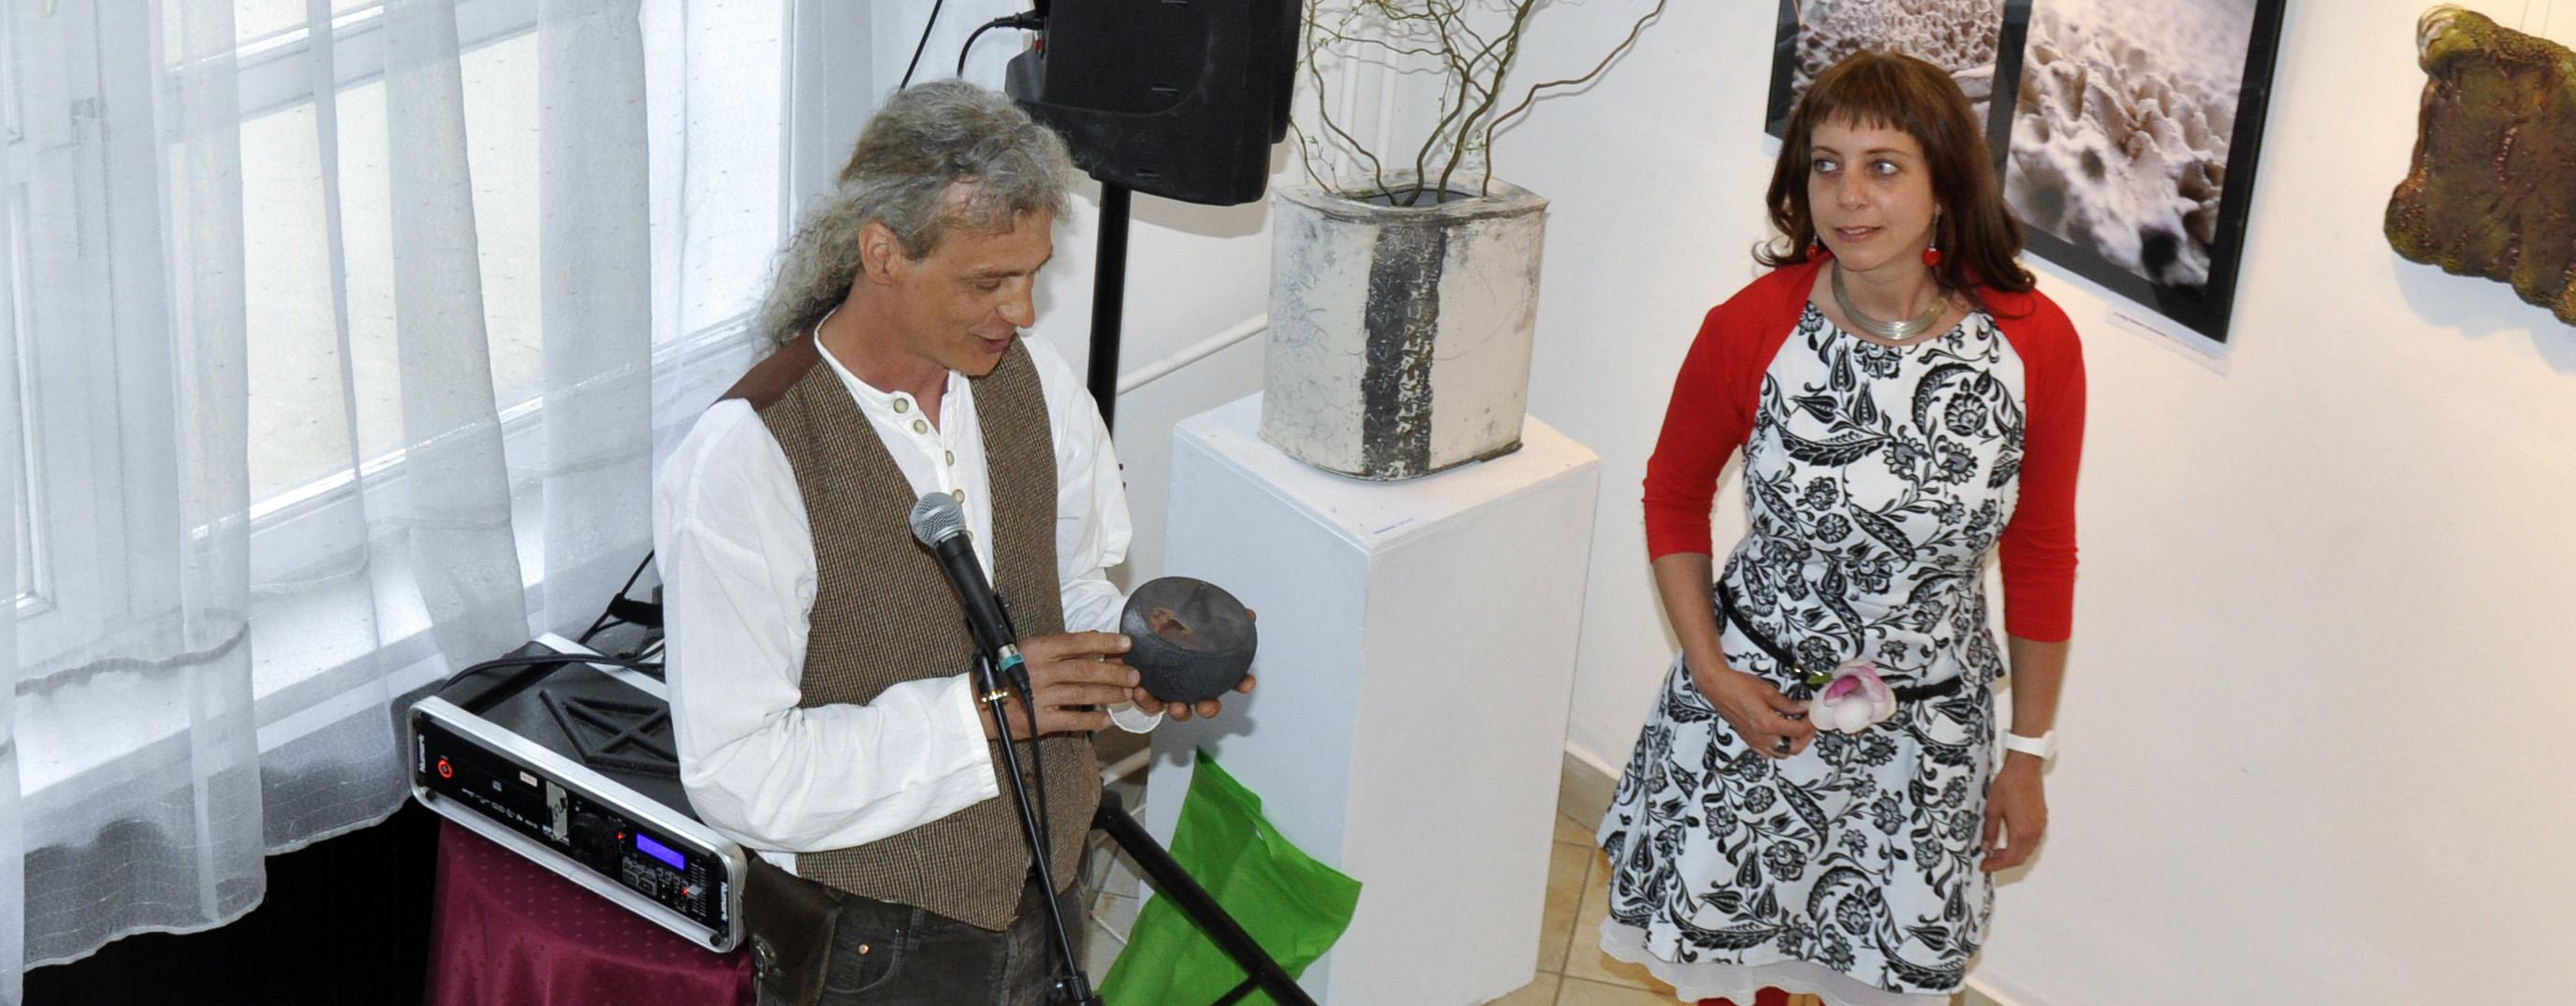 Exhibitions - Ildikó Károlyi